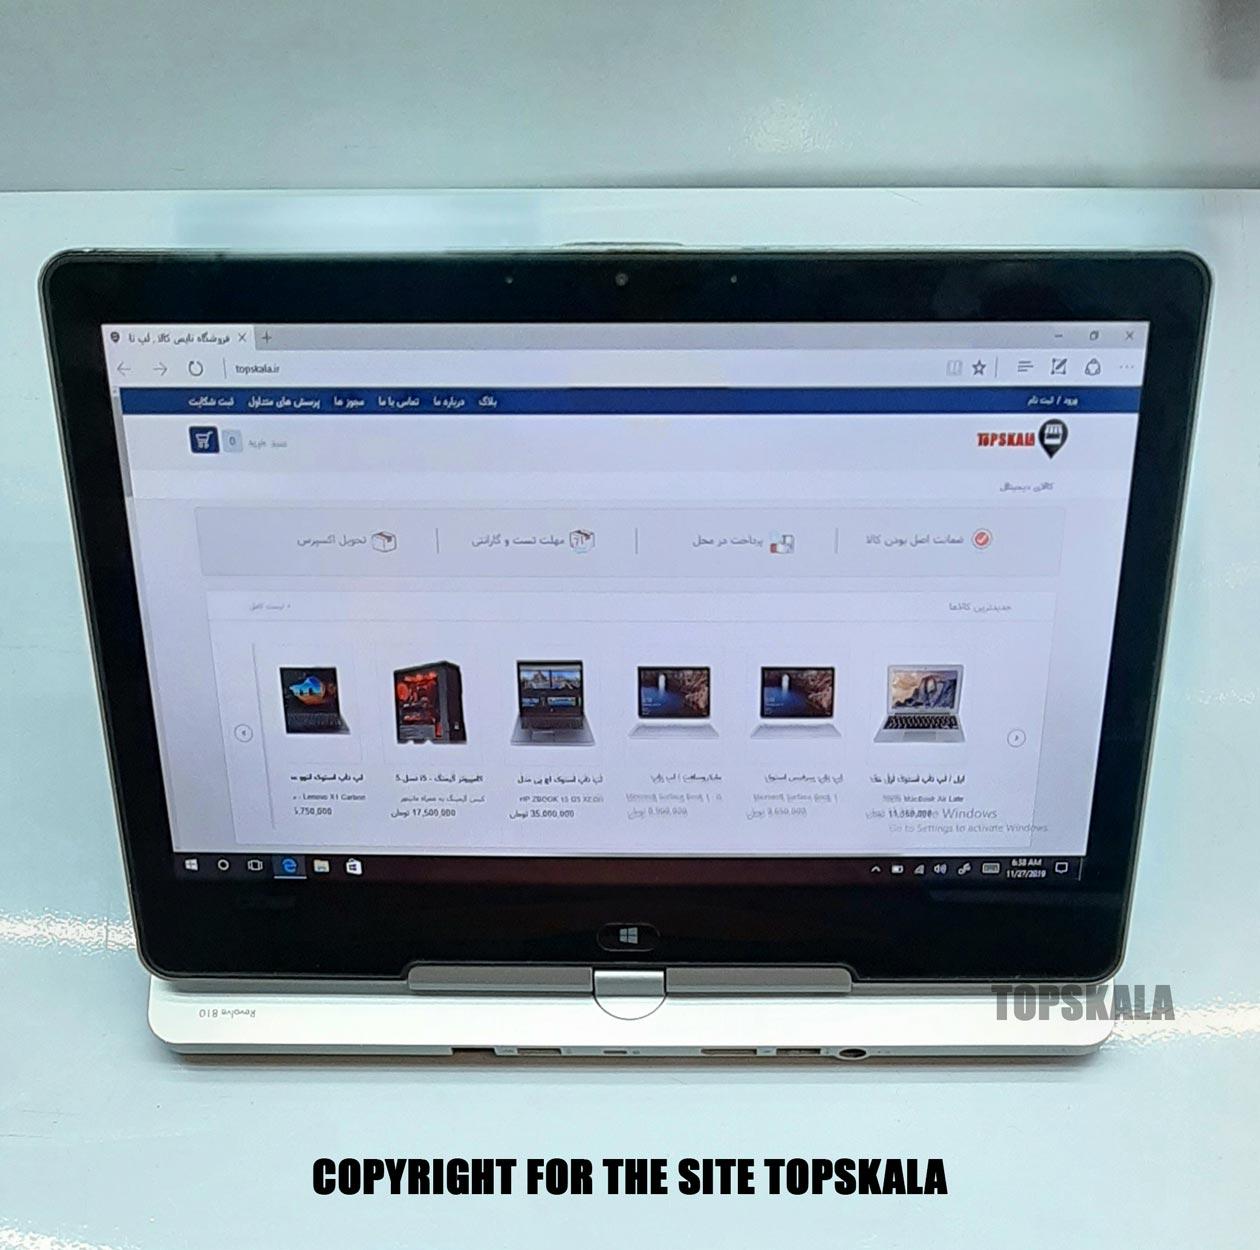 لپ تاپ استوک اچ پی مدل HP EliteBook Revolve 810 با مشخصات i5-4th-8GB-256GB-SSD-2GB-intel-HD-4600laptop-stock-hp-model-EliteBook-Revolve-810-i5-4th-8GB-256GB-SSD-2GB-intel-HD-4600